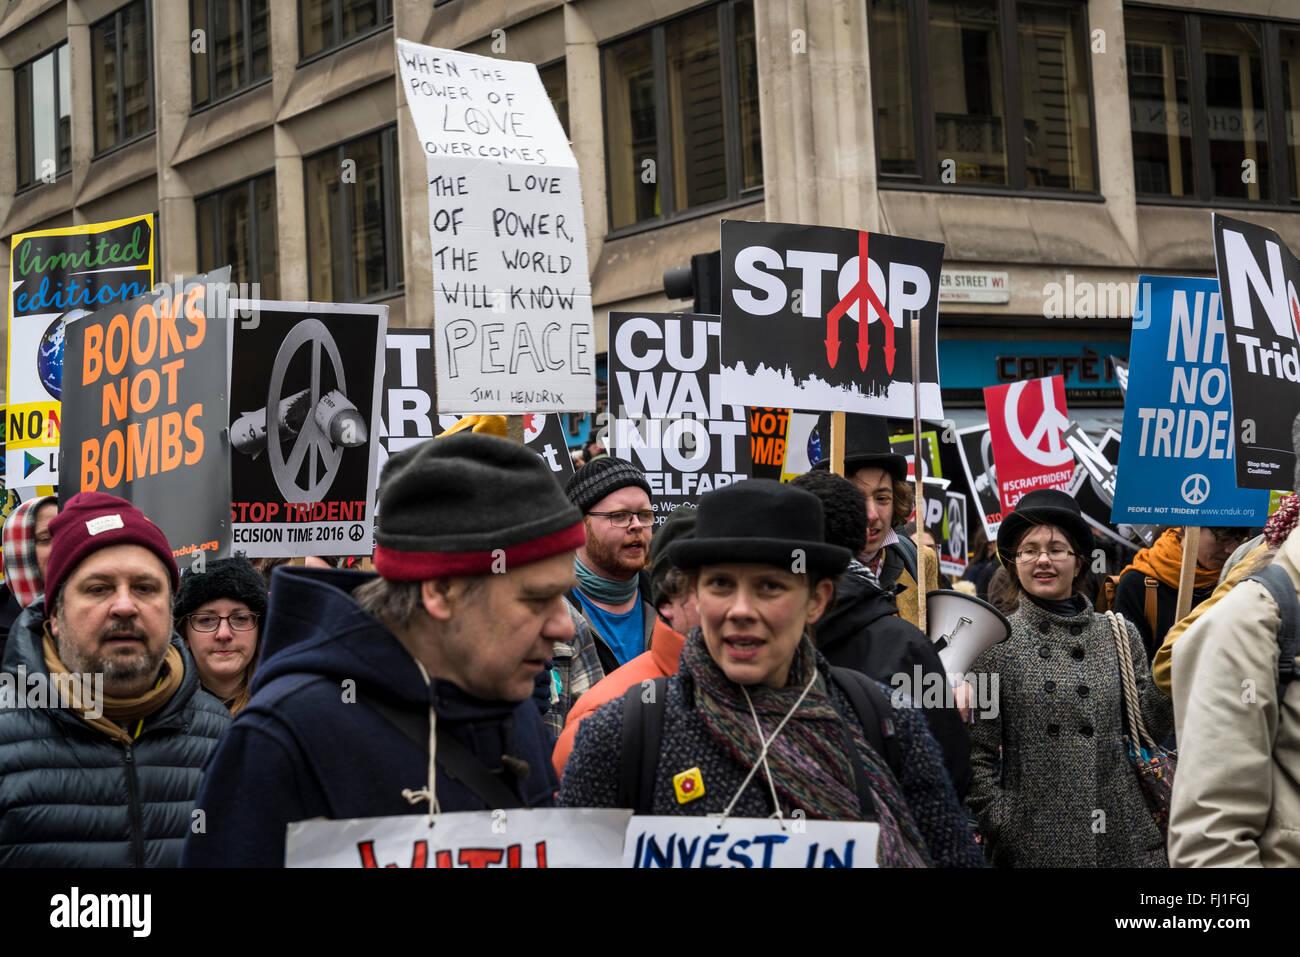 Londres, Royaume-Uni. Feb 27, 2016. Trident d'arrêt, de démonstration organisé par campagne pour le désarmement nucléaire, Londres, Angleterre, Royaume-Uni. 27/02/2016 Credit: Bjanka Kadic/Alamy Live News Banque D'Images